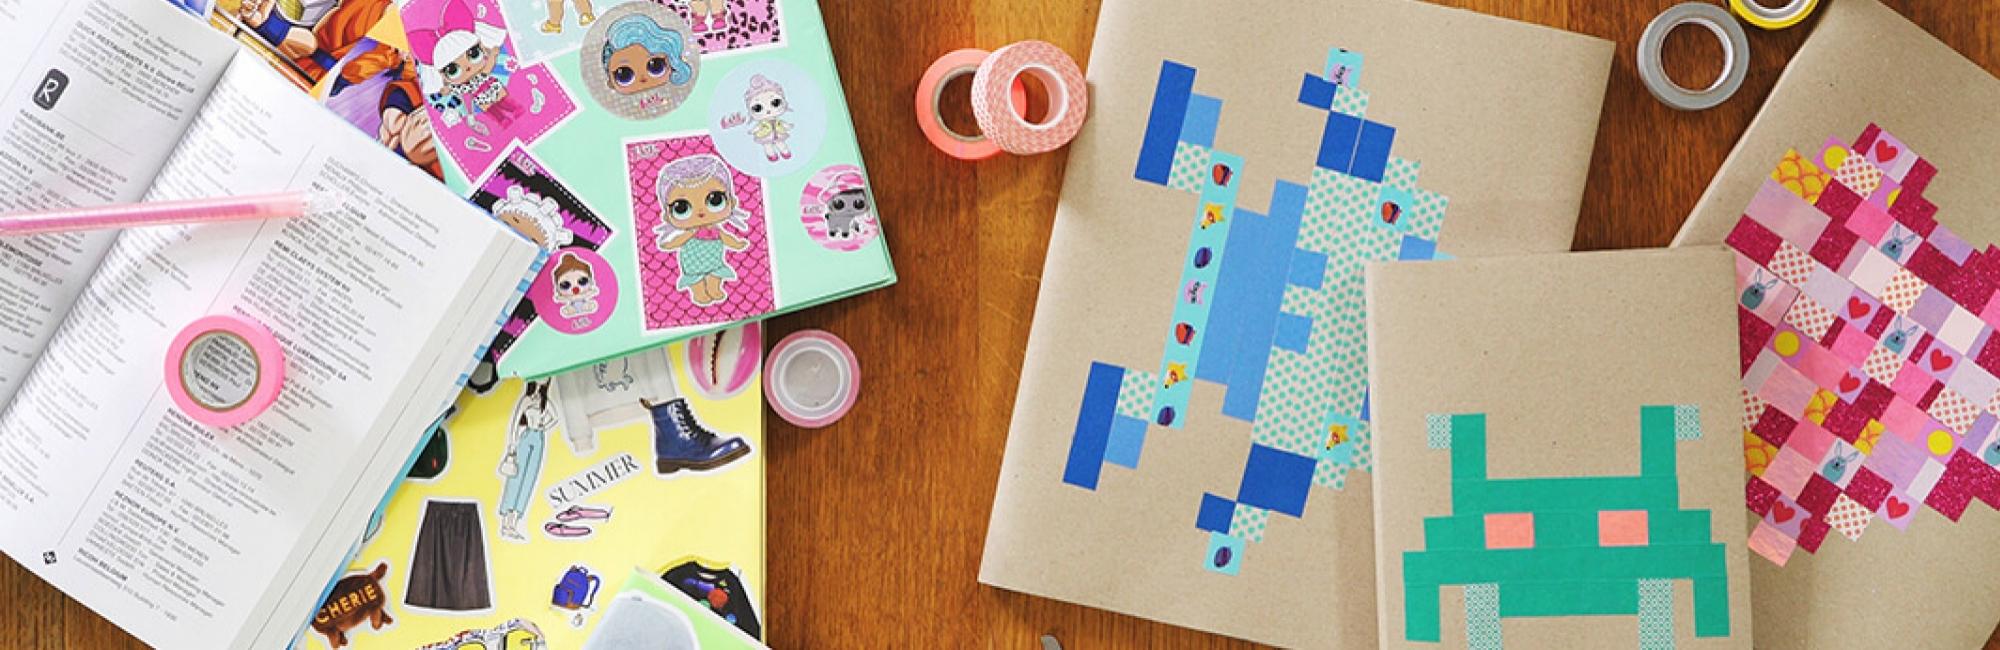 3 idées originales pour recouvrir les cahiers d'école